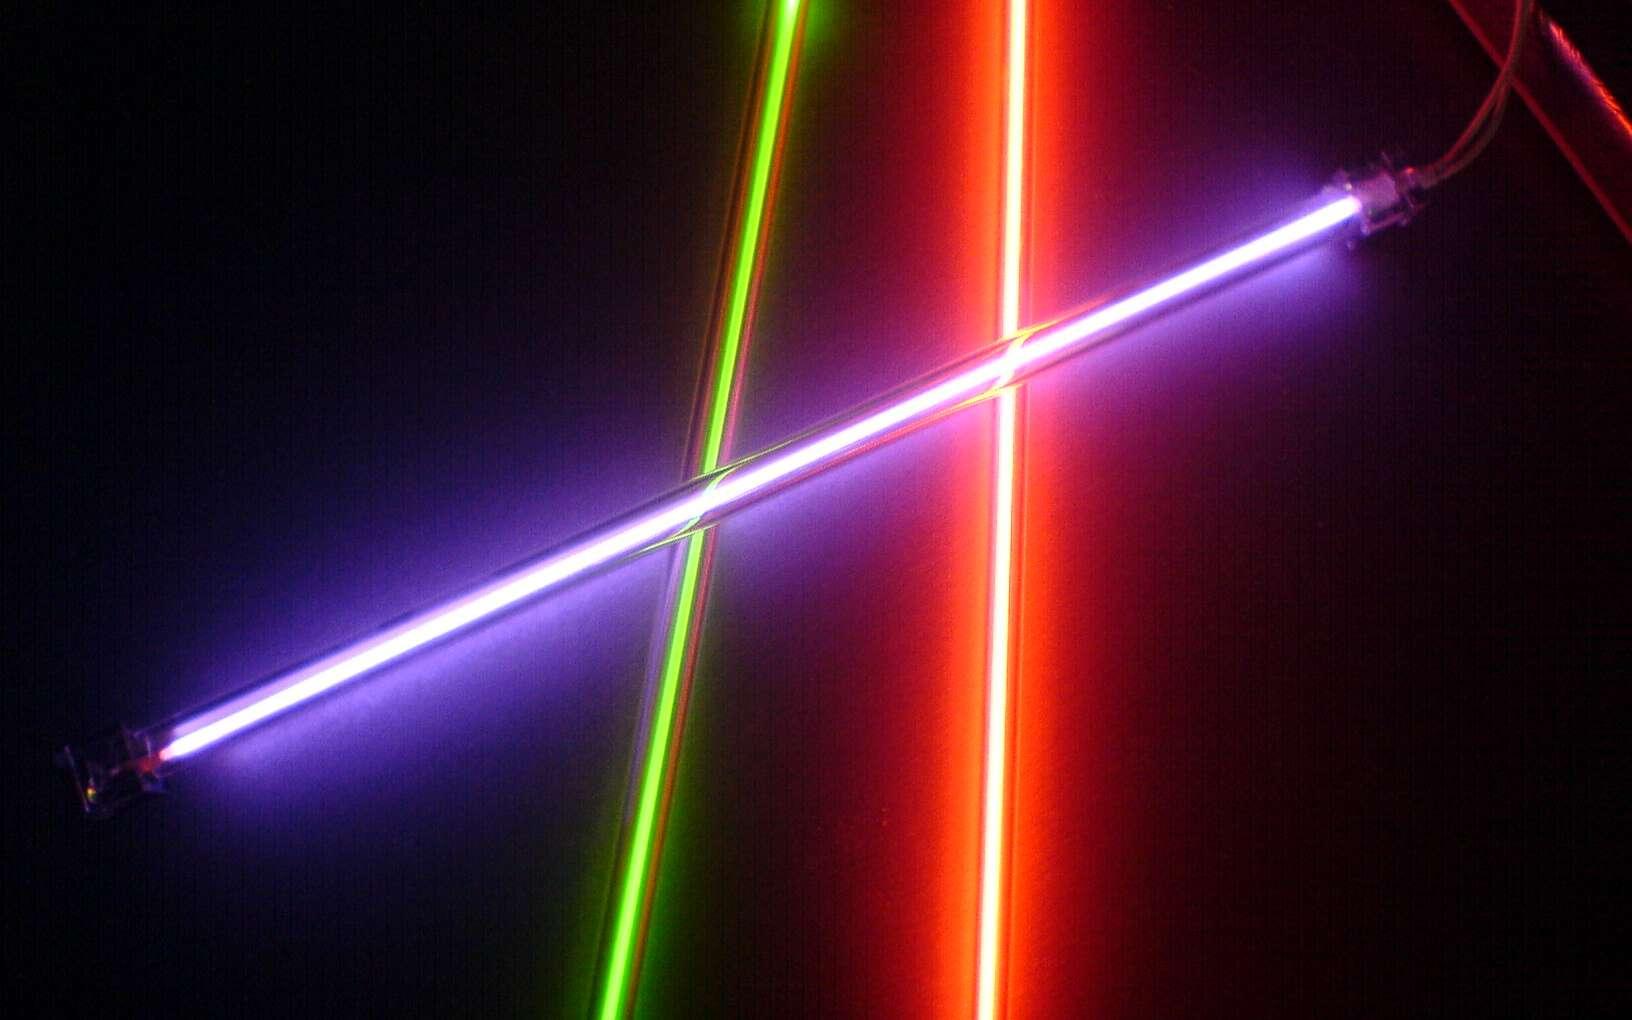 Un tube fluorescent est une lampe électrique qui produit une lumière fluorescente. © N.C, Domaine public, Wikimedia Commons